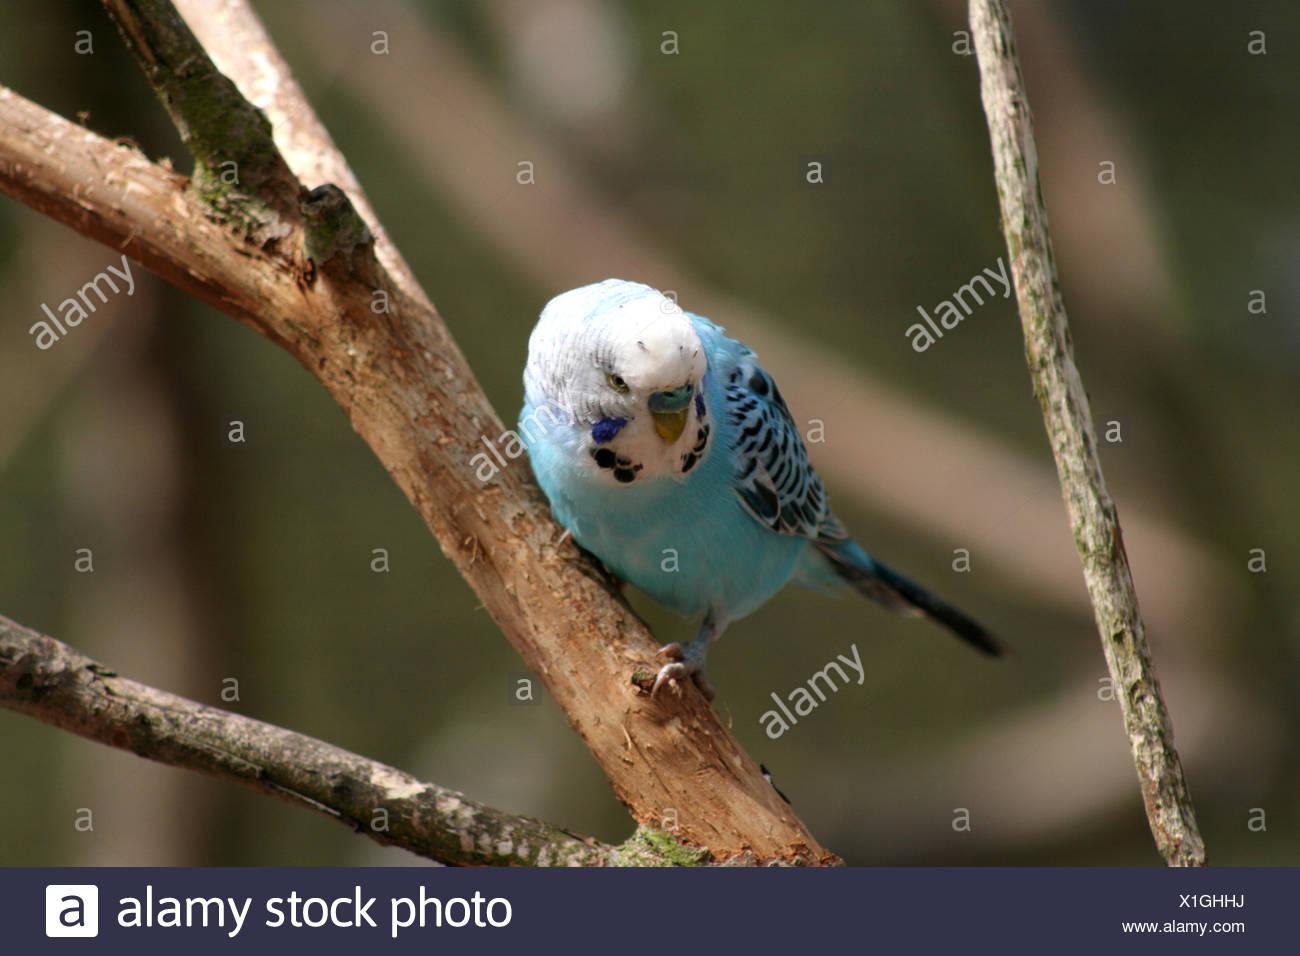 Tolle Baby Vogel Färbung Seite Ideen - Malvorlagen Von Tieren ...